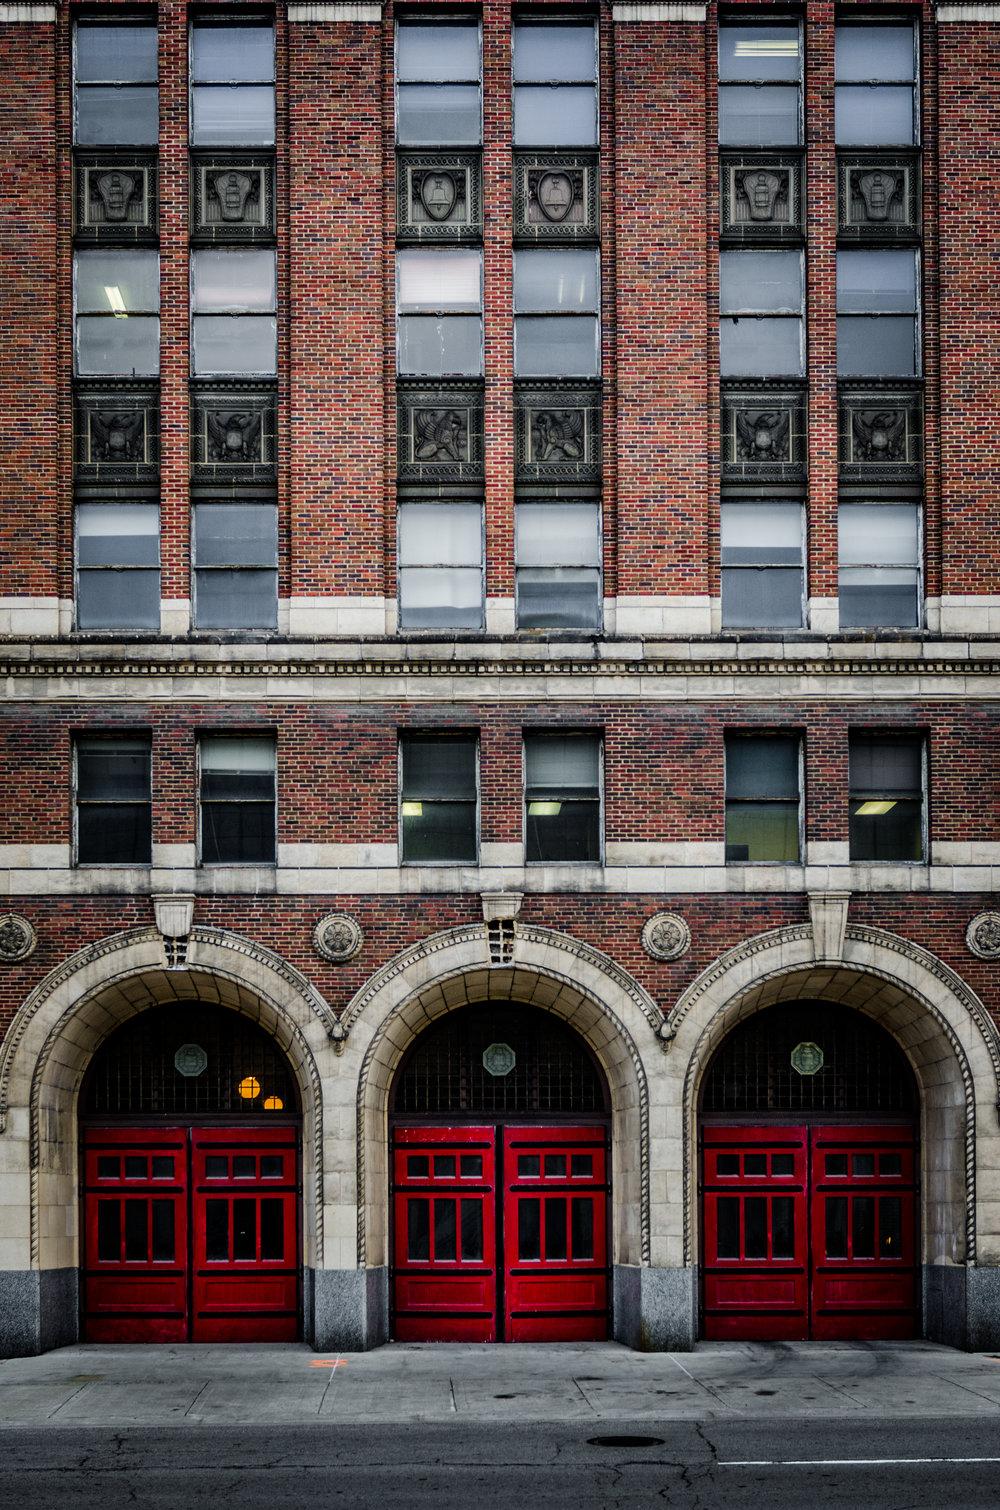 Detroit Fire Station HQ